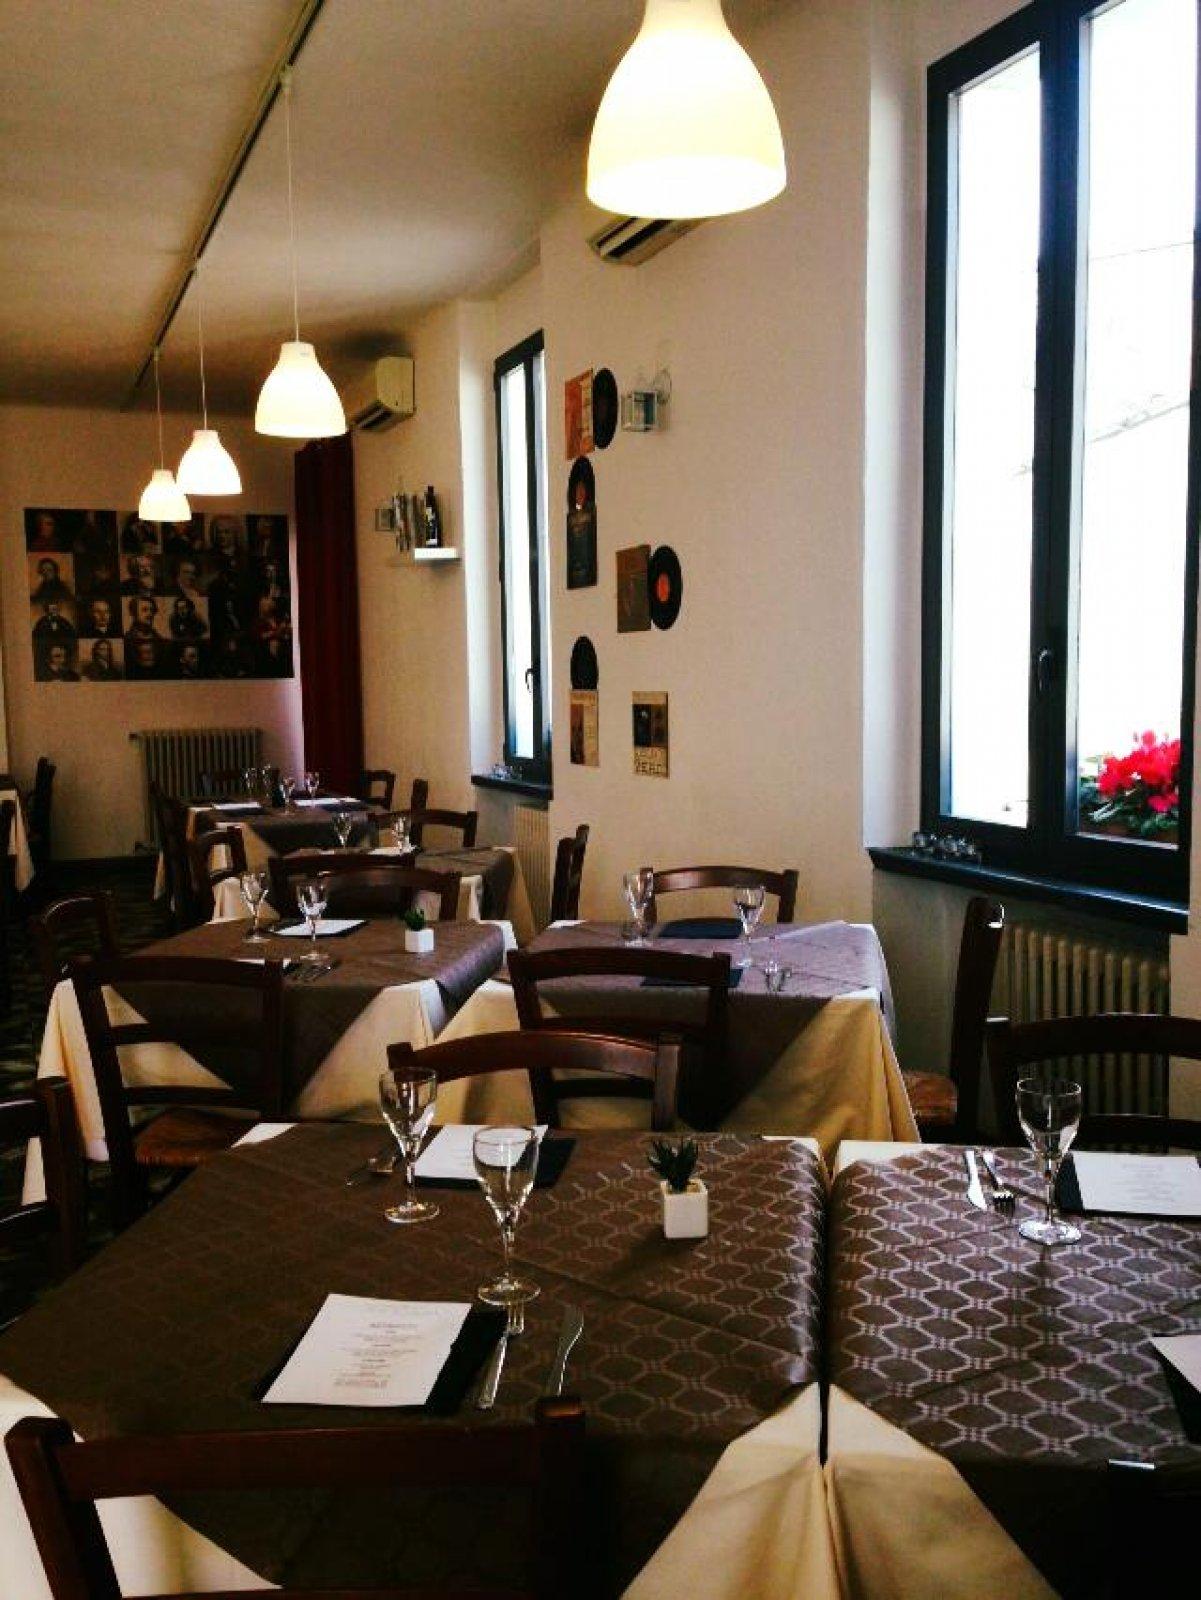 Commis Di Cucina Milano Qualita Full Version Hd Cucina Milano Cucinaconfornoagas Entratalibera Mi It